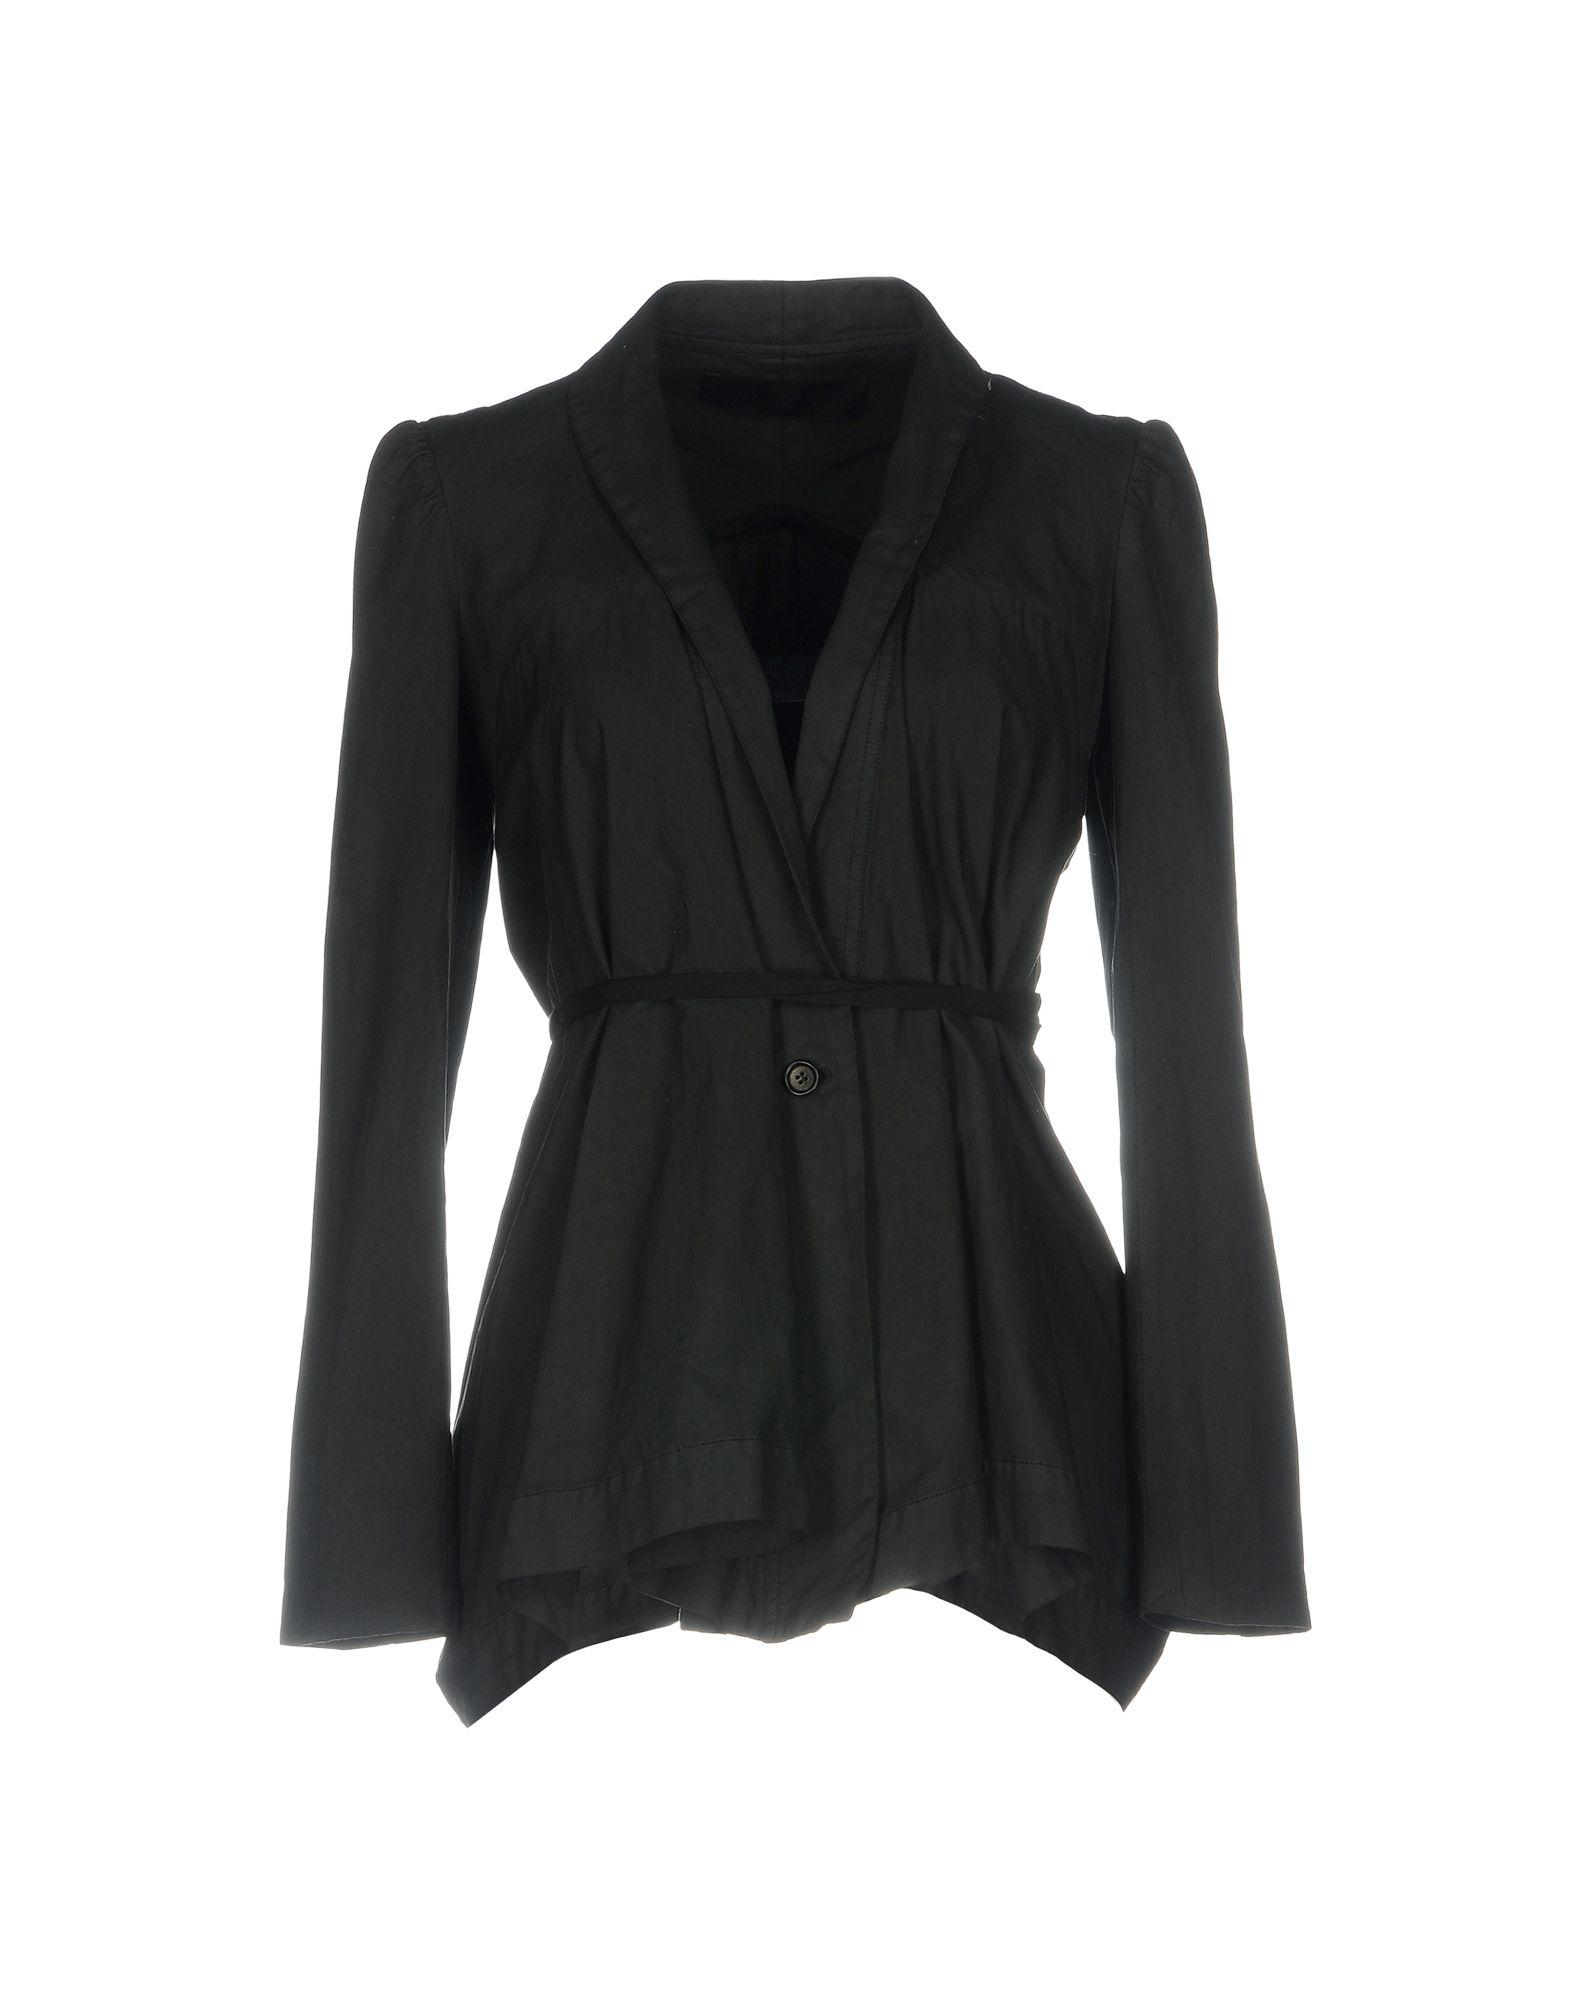 Marc Le Bihan Blazers In Black